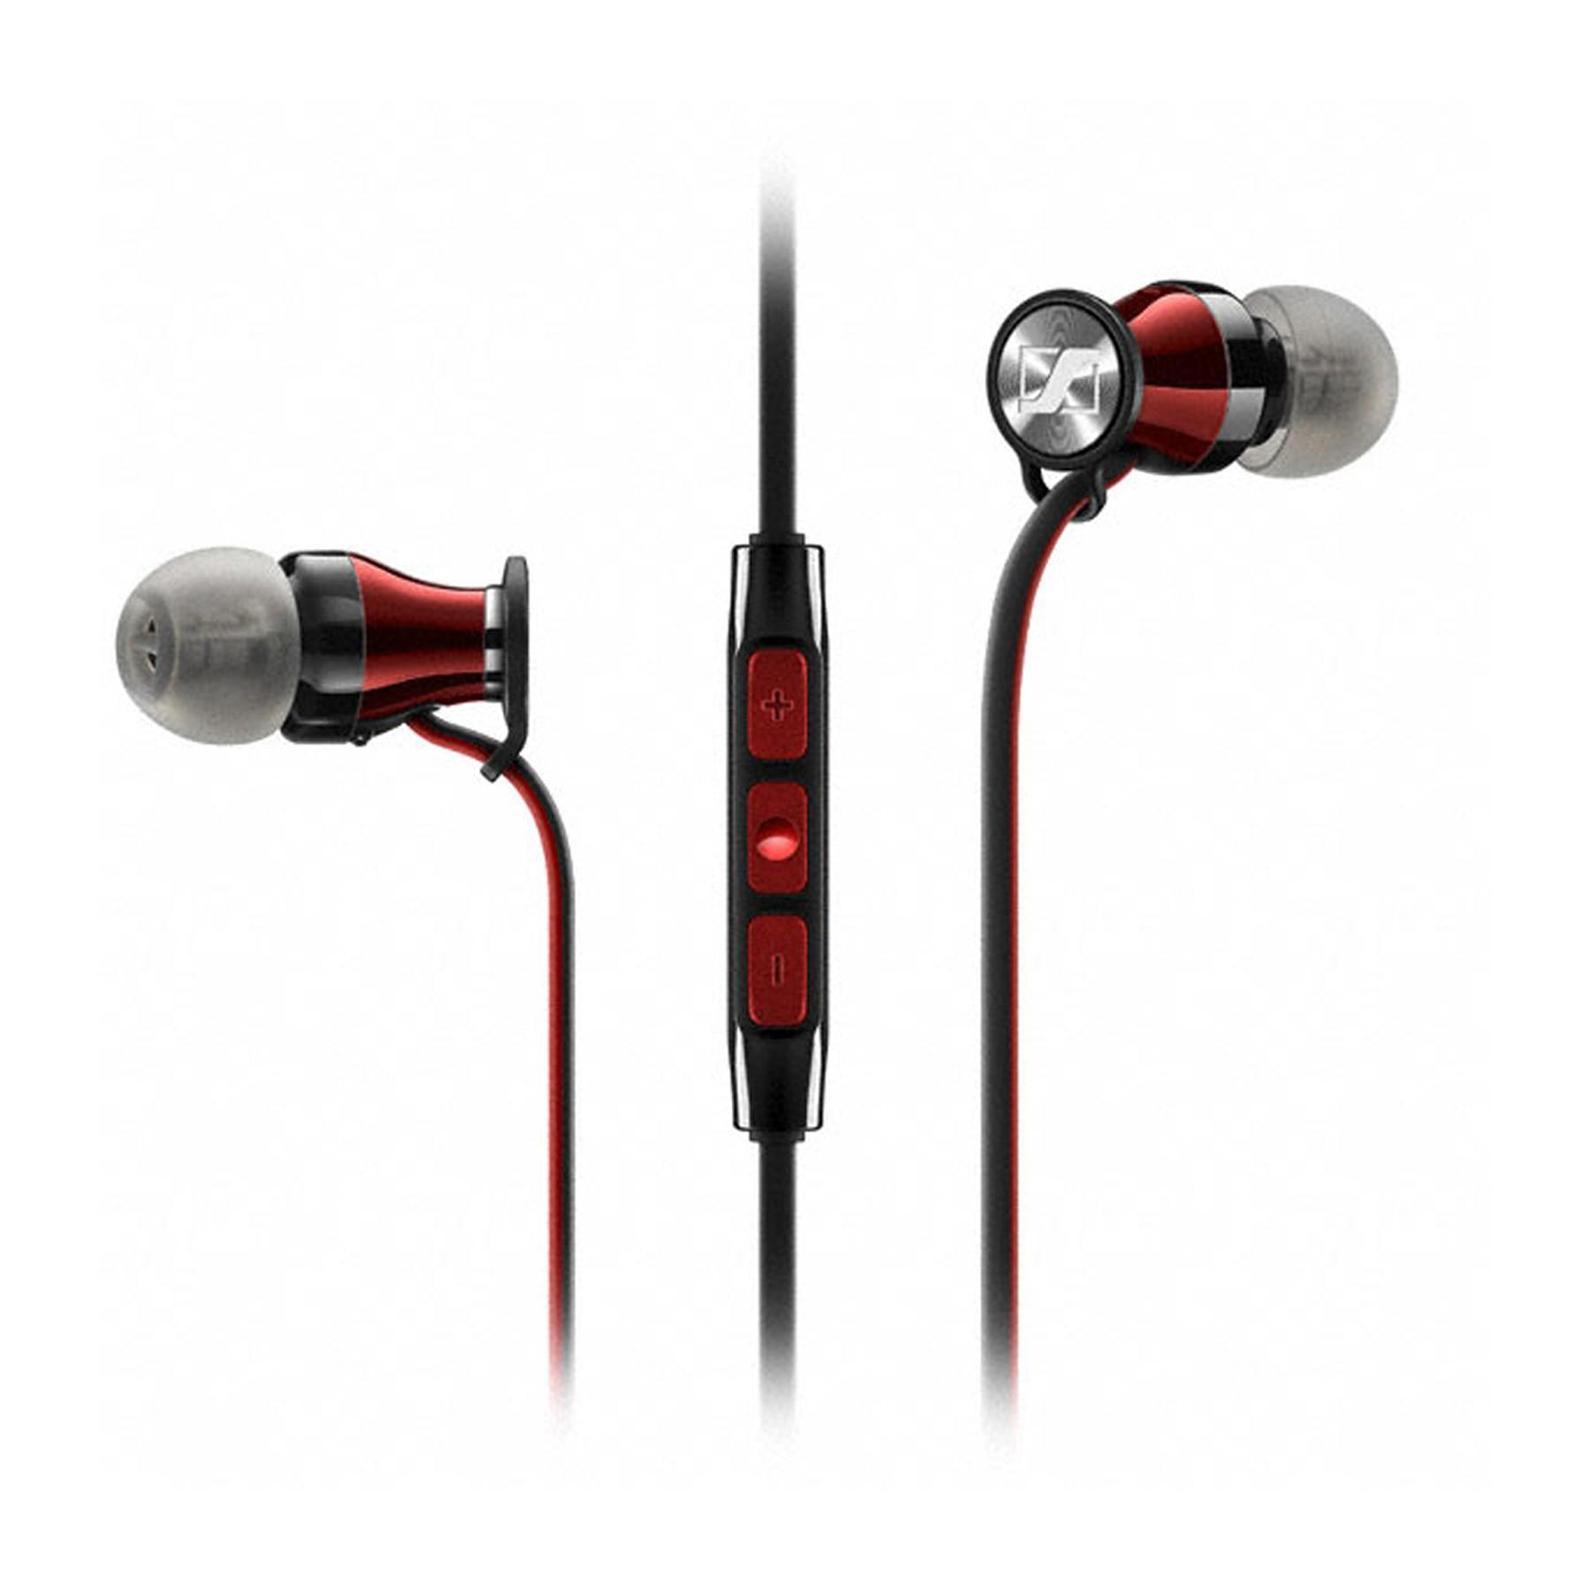 Sennheiser Momentum In-Ear M2 IEG наушники506244Новый член семейства MOMENTUM – внутриканальные MOMENTUM In-Ear сохраняют единство стиля, объединяя роскошный внешний вид с превосходным звучаниемMOMENTUM In-Ear продвигают концепцию наушников на новый уровень. Сочетание элегантного вида, эргономичного дизайна и инновационной акустической инженерии обеспечивает невероятно богатое и сбалансированное звучаниеВ истинно миниатюрных наушниках MOMENTUM In-Ear заключен не только бескомпромиссный звук, поражает и количество технологичных деталей – от прецизионных воздуховодов из нержавеющей стали до 3-кнопочного многофункционального пульта управления с микрофономДизайн наушников MOMENTUM In-Ear изыскан и лаконичен. Более 200 контрастных красных стежков украшают черную молнию на чехле для защиты Ваших наушников. Красно-черный кабель выходит из глянцевых красных корпусов. Со знанием дела спроектированы и ушные адаптеры для индивидуальной подгонки, с помощью которых наушники сидят как влитыеВы даже можете забыть о наушниках MOMENTUM In-Ear. Их адаптивная конструкция с регулируемым углом в 15° позволяет комфортно подогнать их к любым ушам. Благодаря сверхмалым акустическим каналам и набору их 4 пар ушных адаптеров Вы будете получать безупречный звук